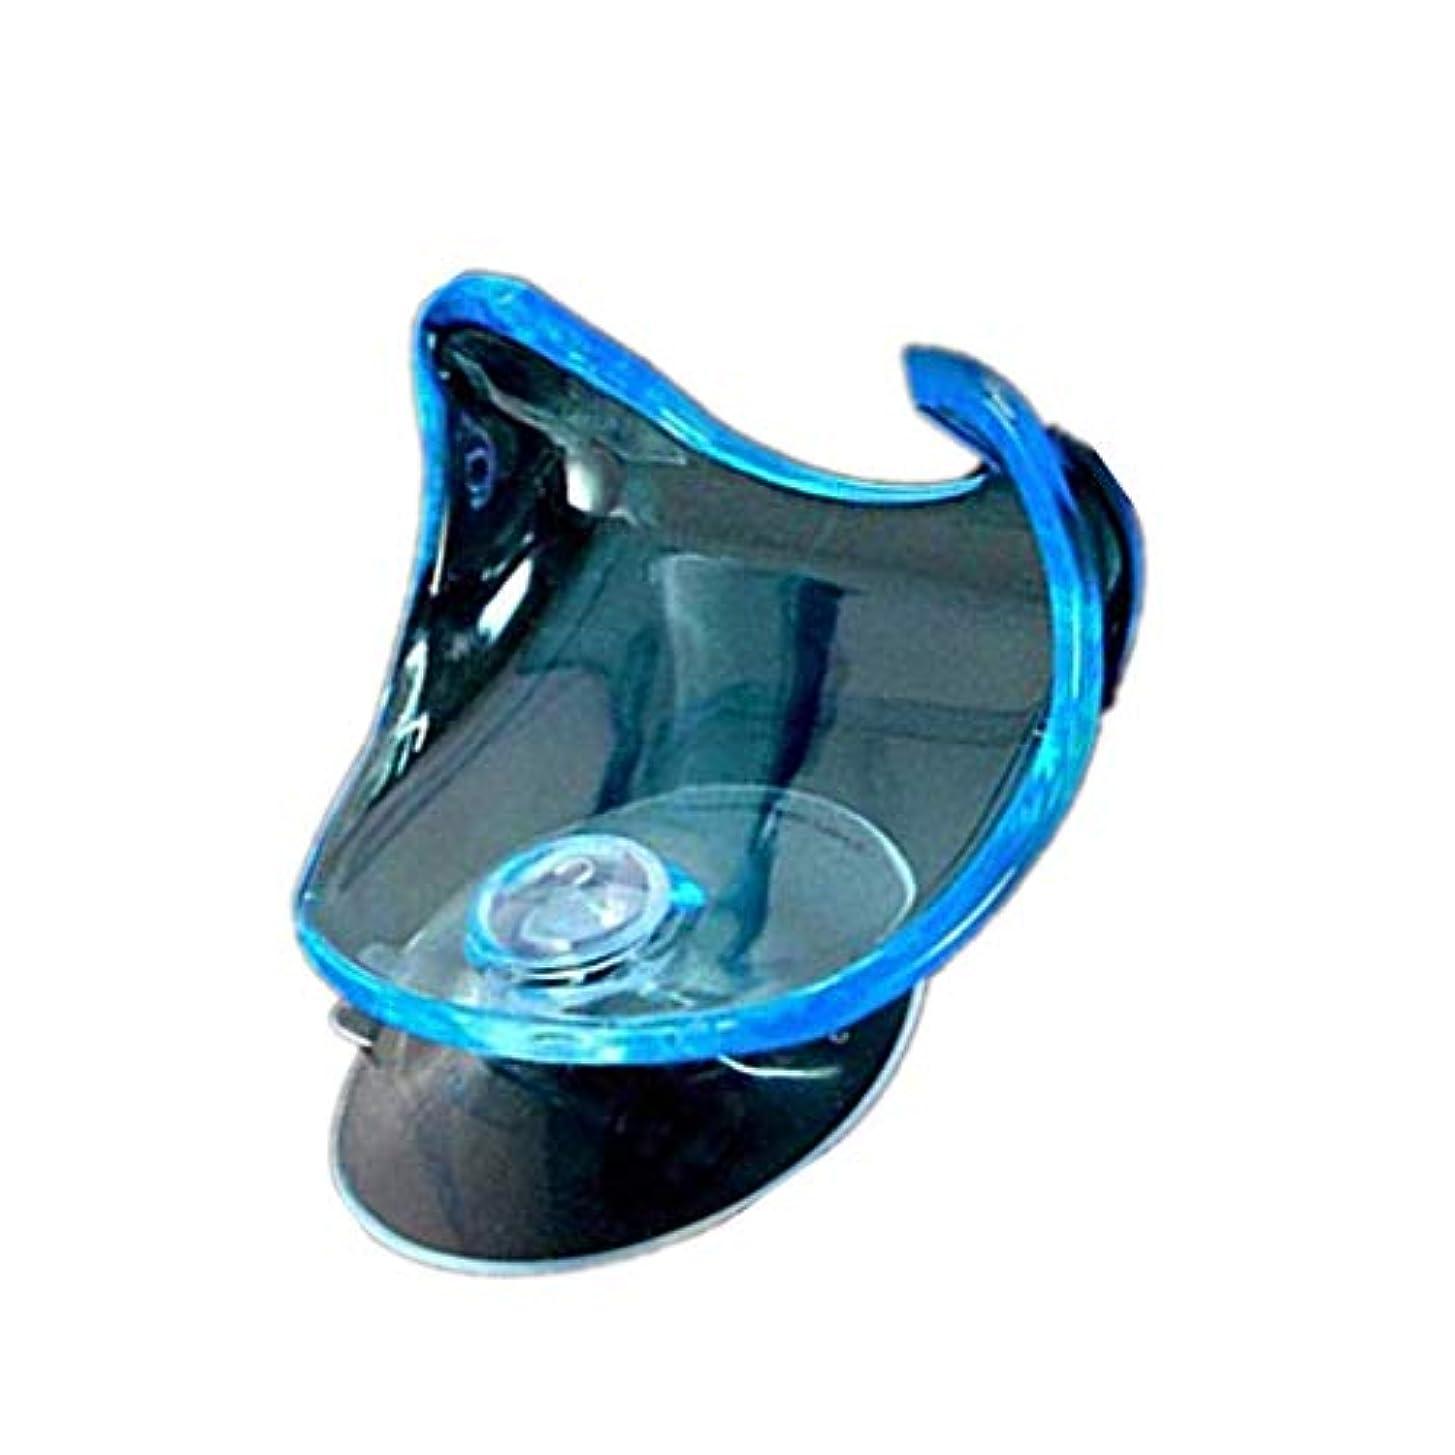 軸カタログエミュレートするハンギングラッククリアストレージシェルフの浴室の吸盤サクションカップカミソリホルダー